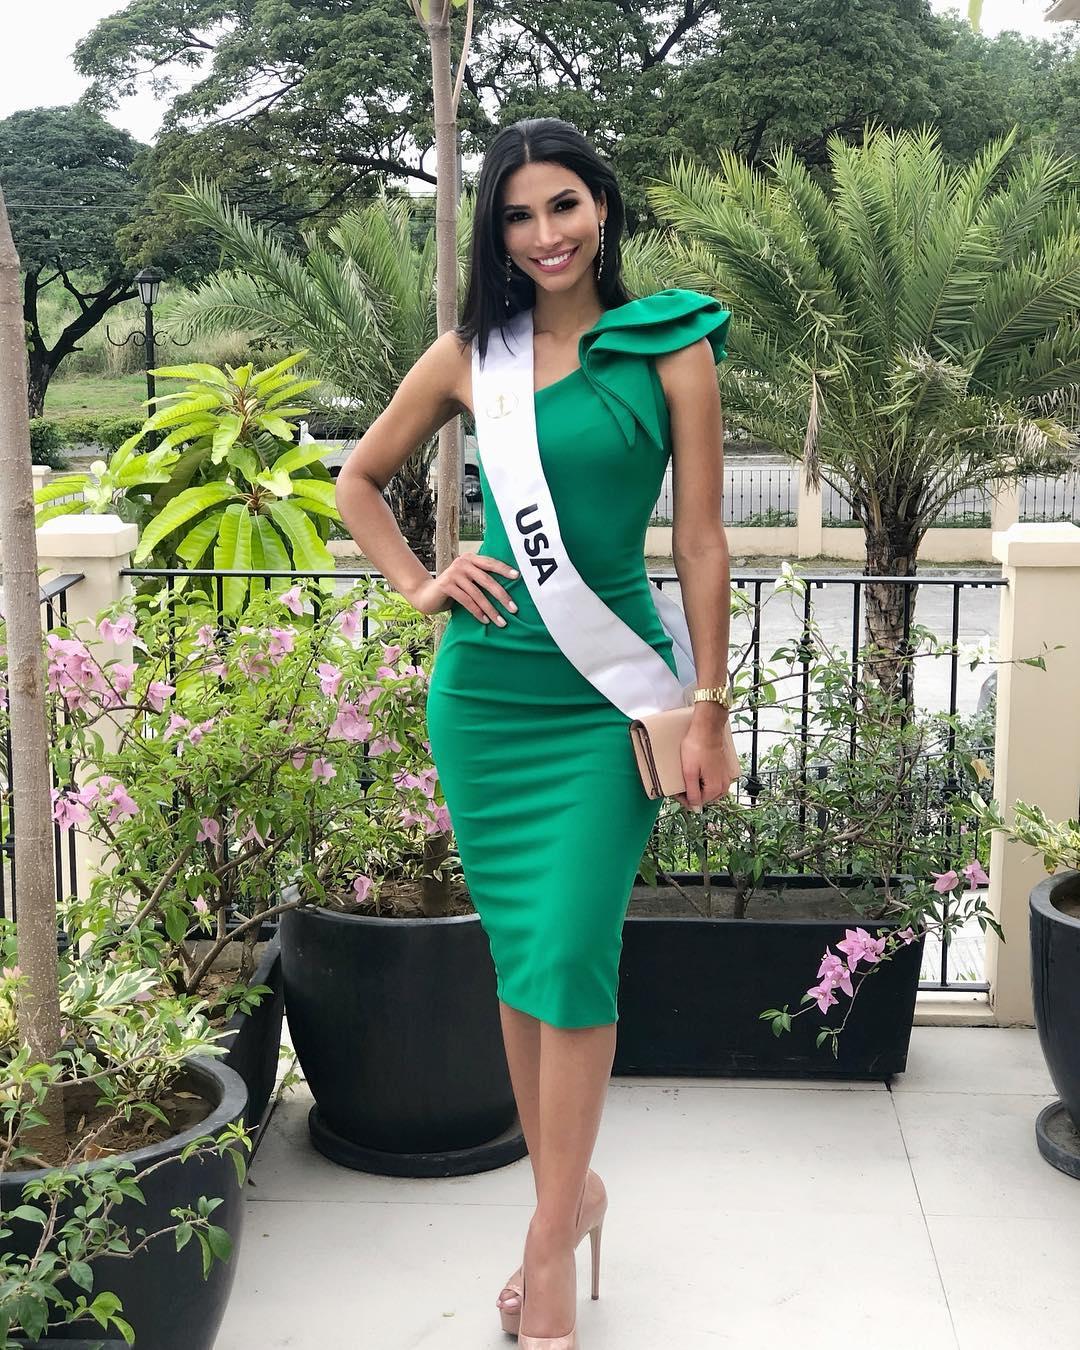 marianny egurrola, top 20 de miss intercontinental 2018-2019. - Página 6 49701210